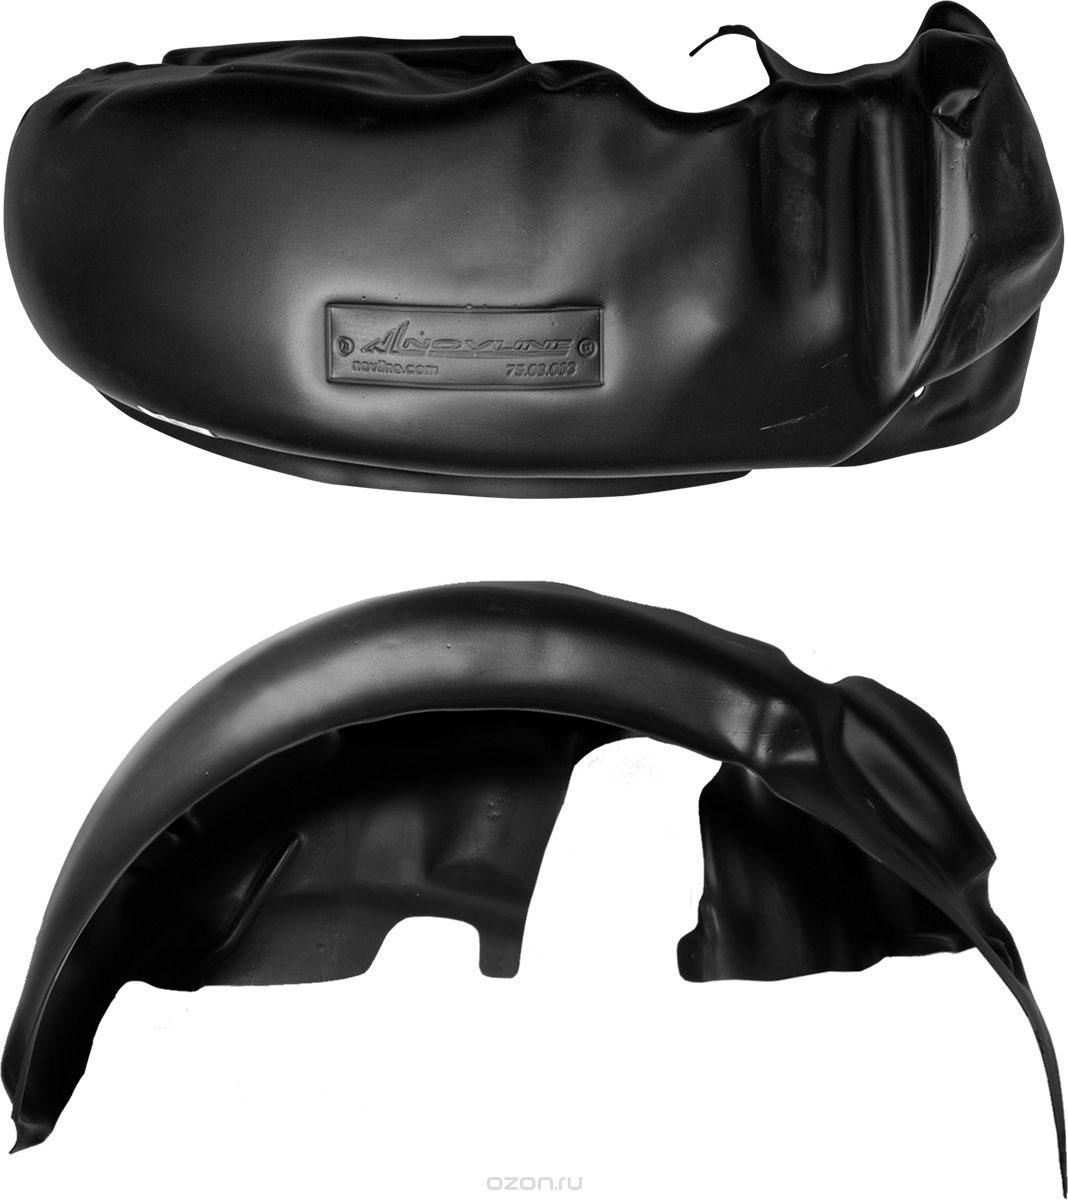 Подкрылок Novline-Autofamily, для Daewoo Nexia, 1995-2007, 2007->, передний левый002101Идеальная защита колесной ниши. Локеры разработаны с применением цифровых технологий, гарантируют максимальную повторяемость поверхности арки. Изделия устанавливаются без нарушения лакокрасочного покрытия автомобиля, каждый подкрылок комплектуется крепежом. Уважаемые клиенты, обращаем ваше внимание, что фотографии на подкрылки универсальные и не отражают реальную форму изделия. При этом само изделие идет точно под размер указанного автомобиля.